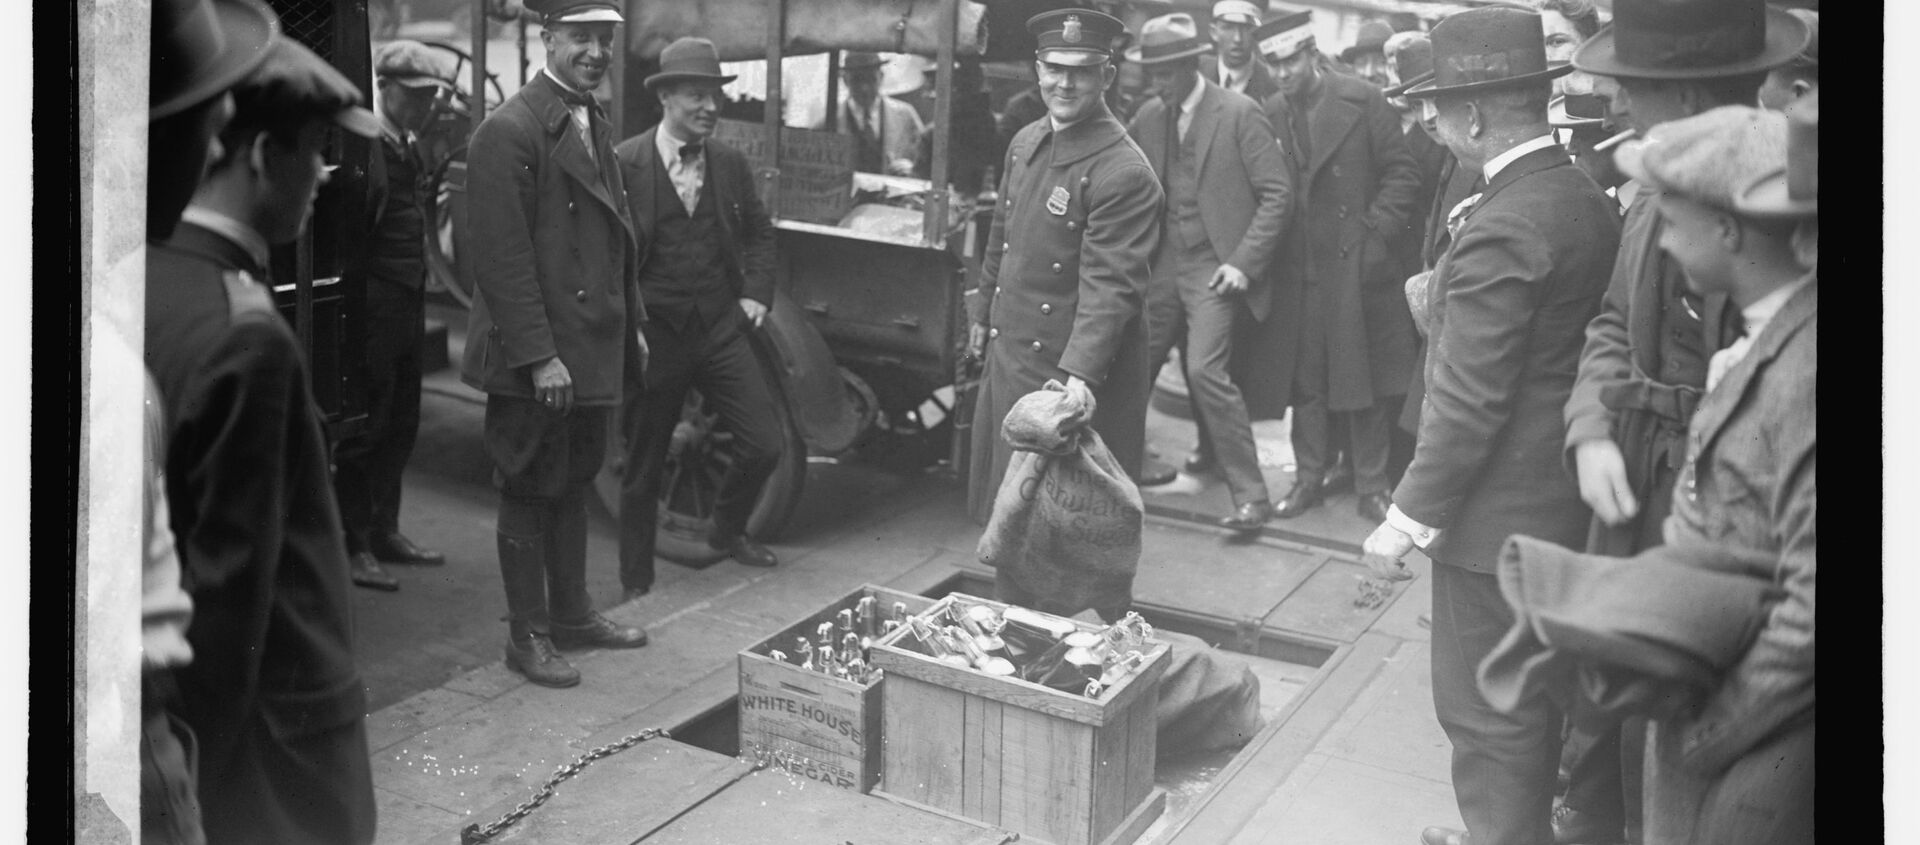 Прохибиција у Сједињеним Државама 1923 - Sputnik Србија, 1920, 08.01.2021